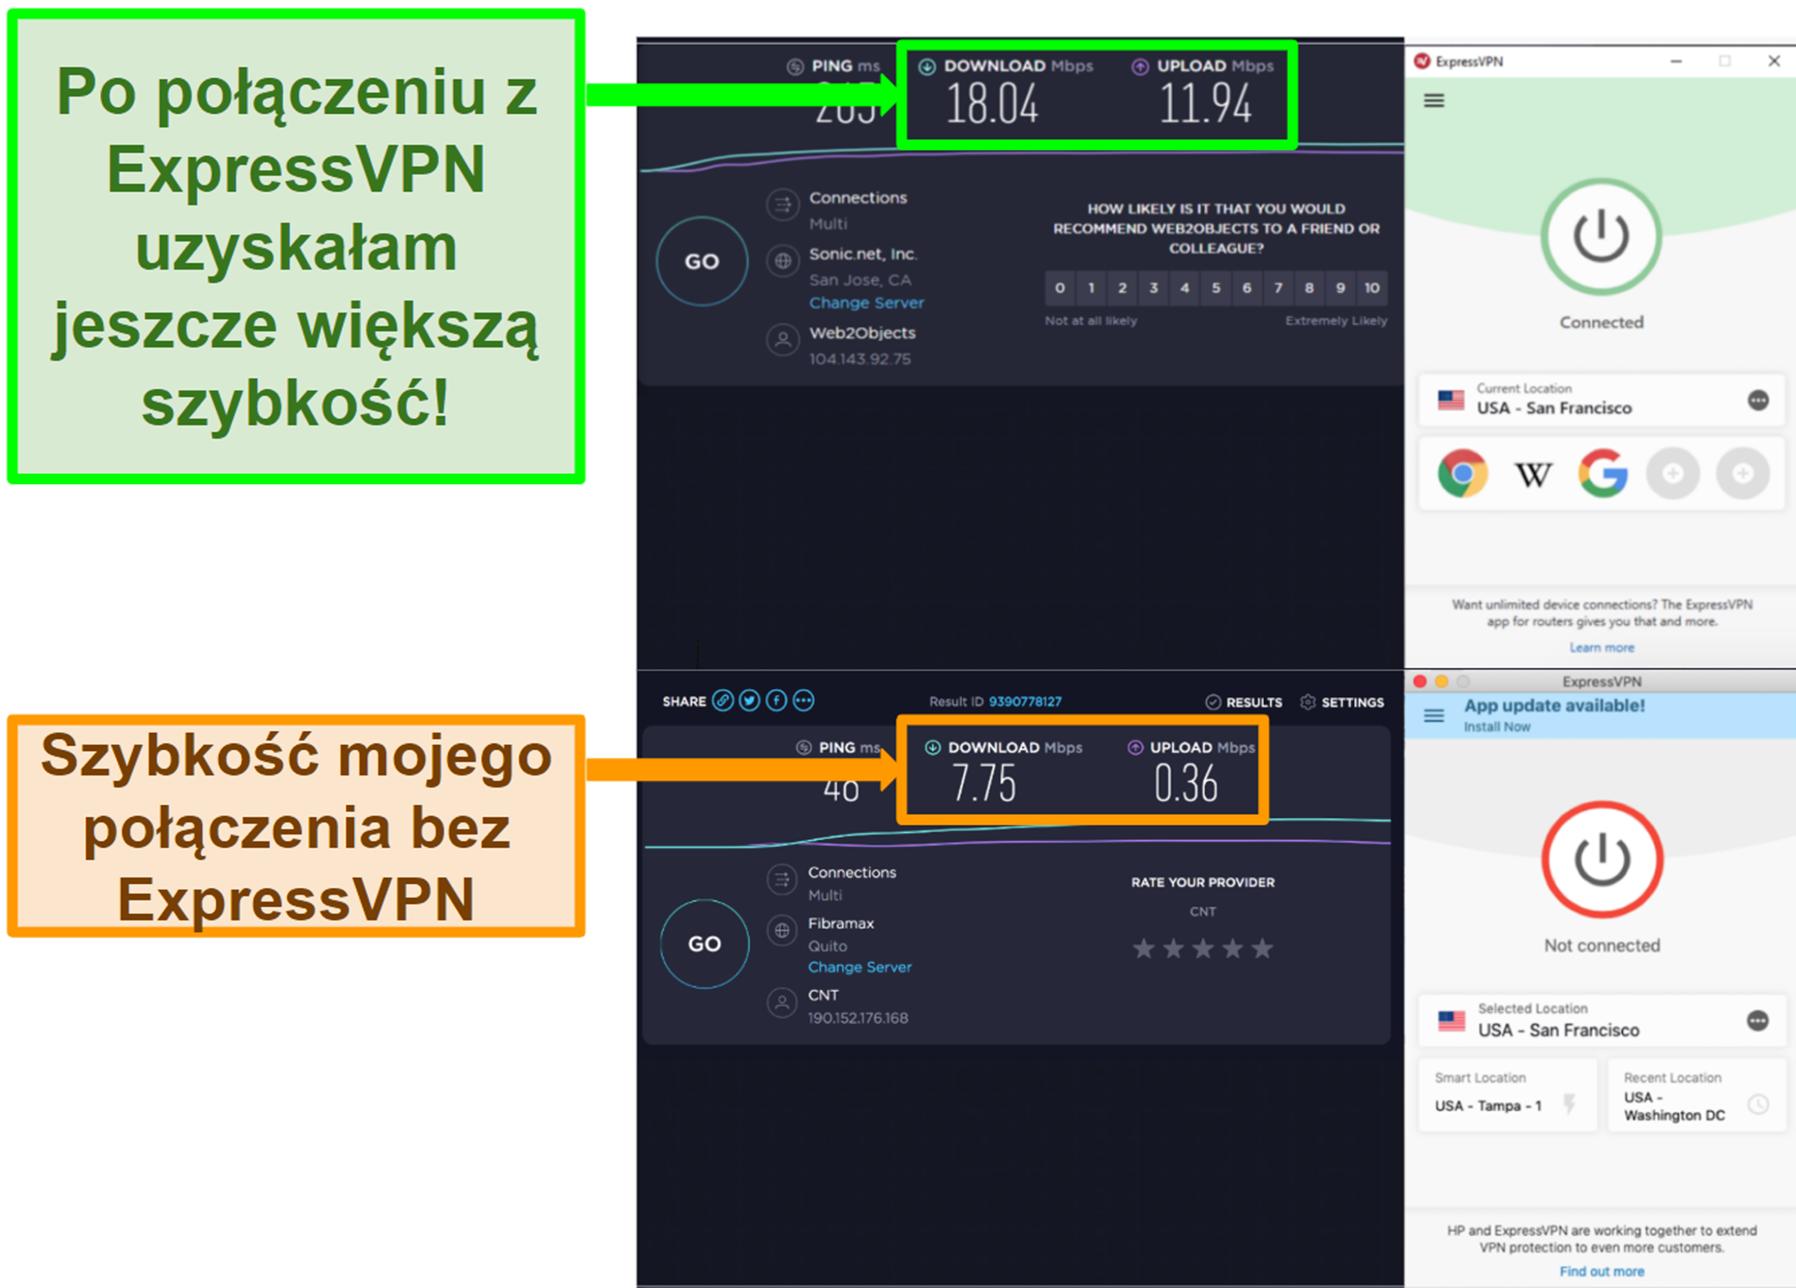 ExpressVPN poprawił moją prędkość po podłączeniu do serwera w USA